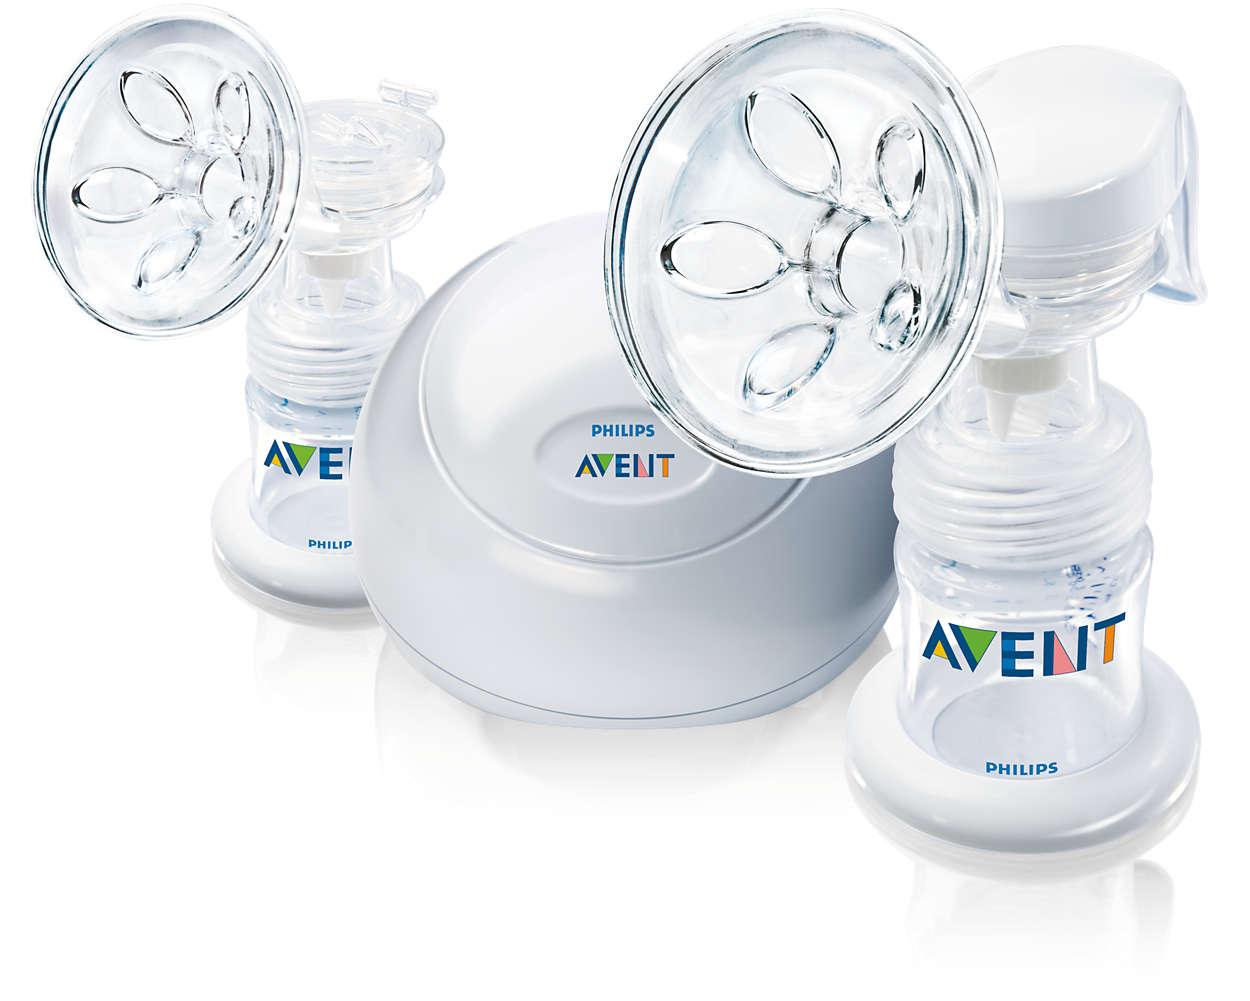 Milchpumpe für maximalen Komfort entworfen